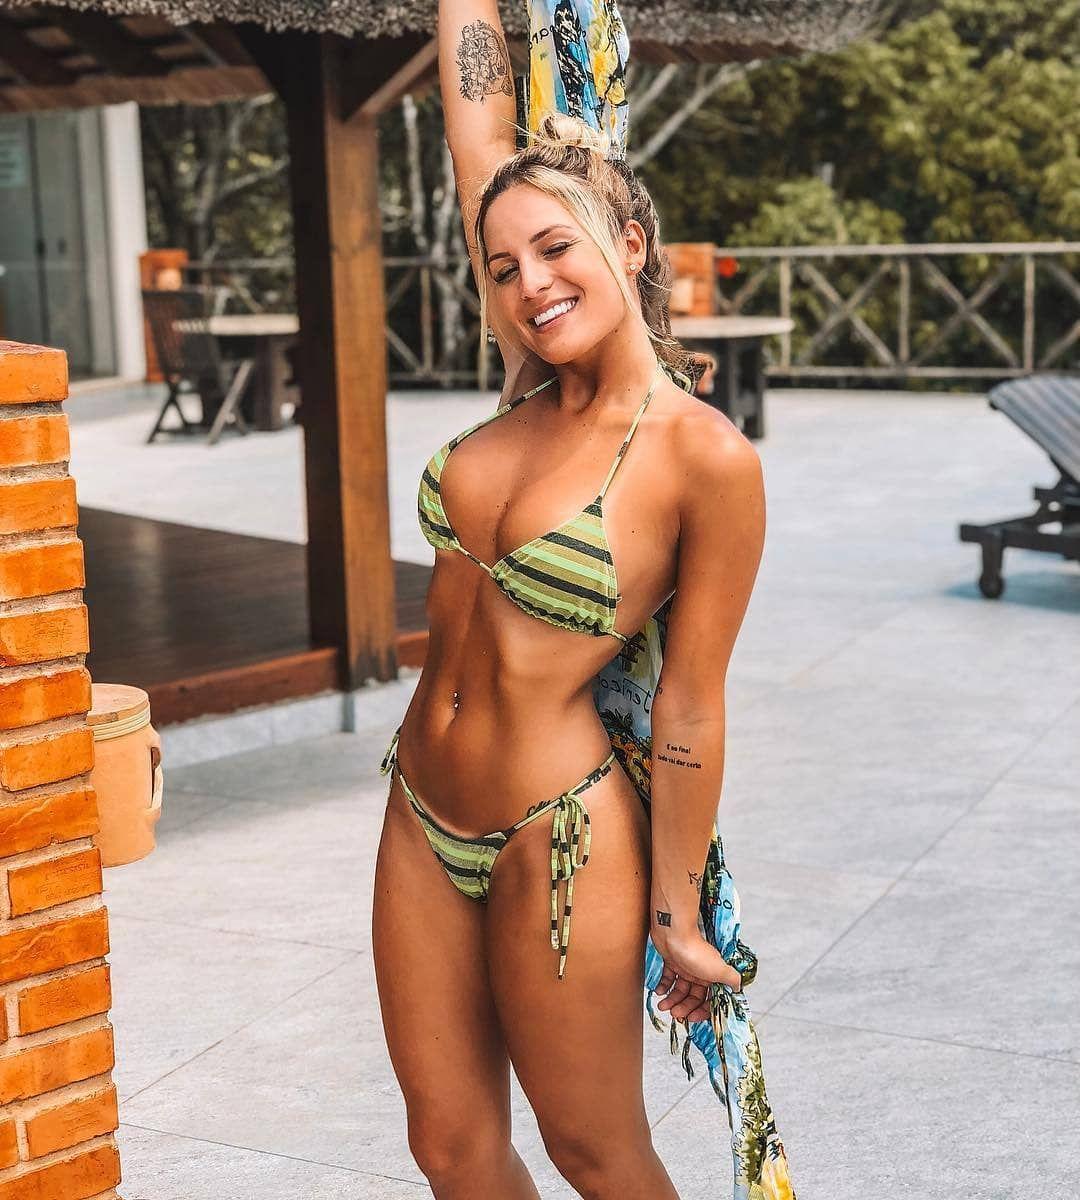 Passionate Brazilian Women In 2020 Brazilian Women Hot Brazilian Women Scarf Hairstyles